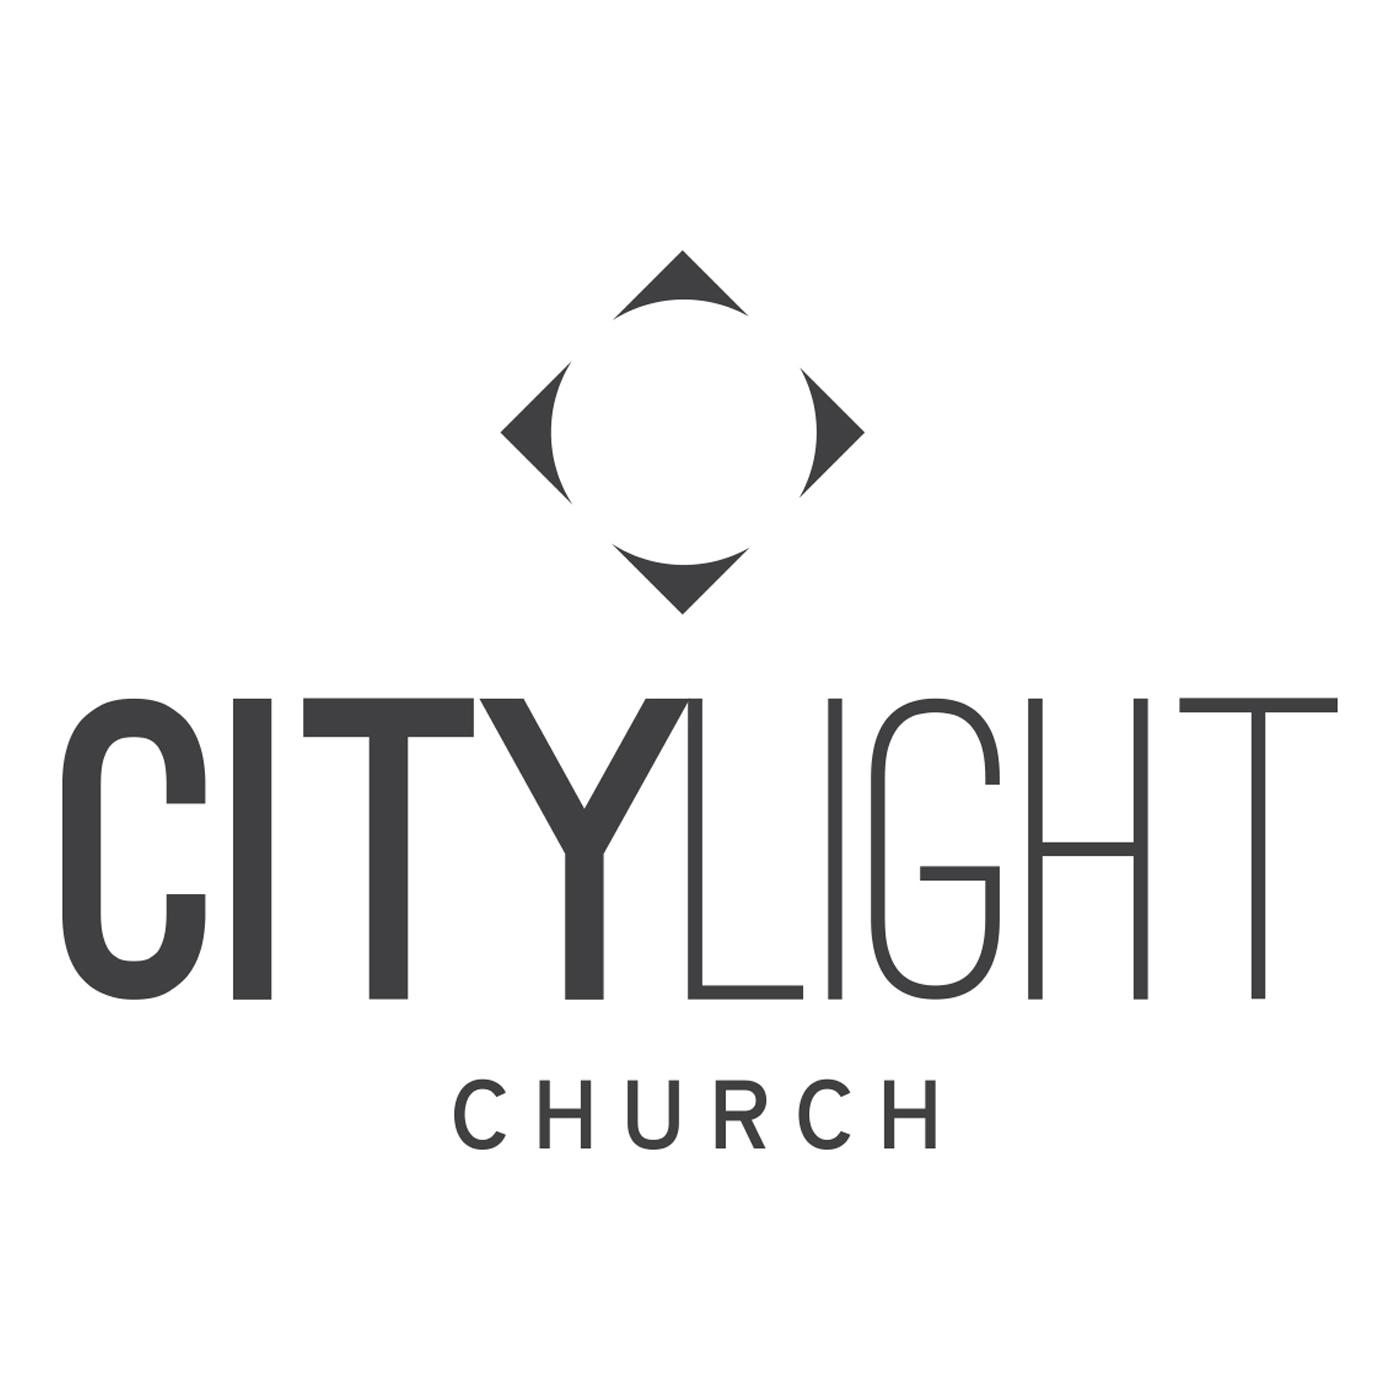 City Light Church // Rochester Hills, MI //